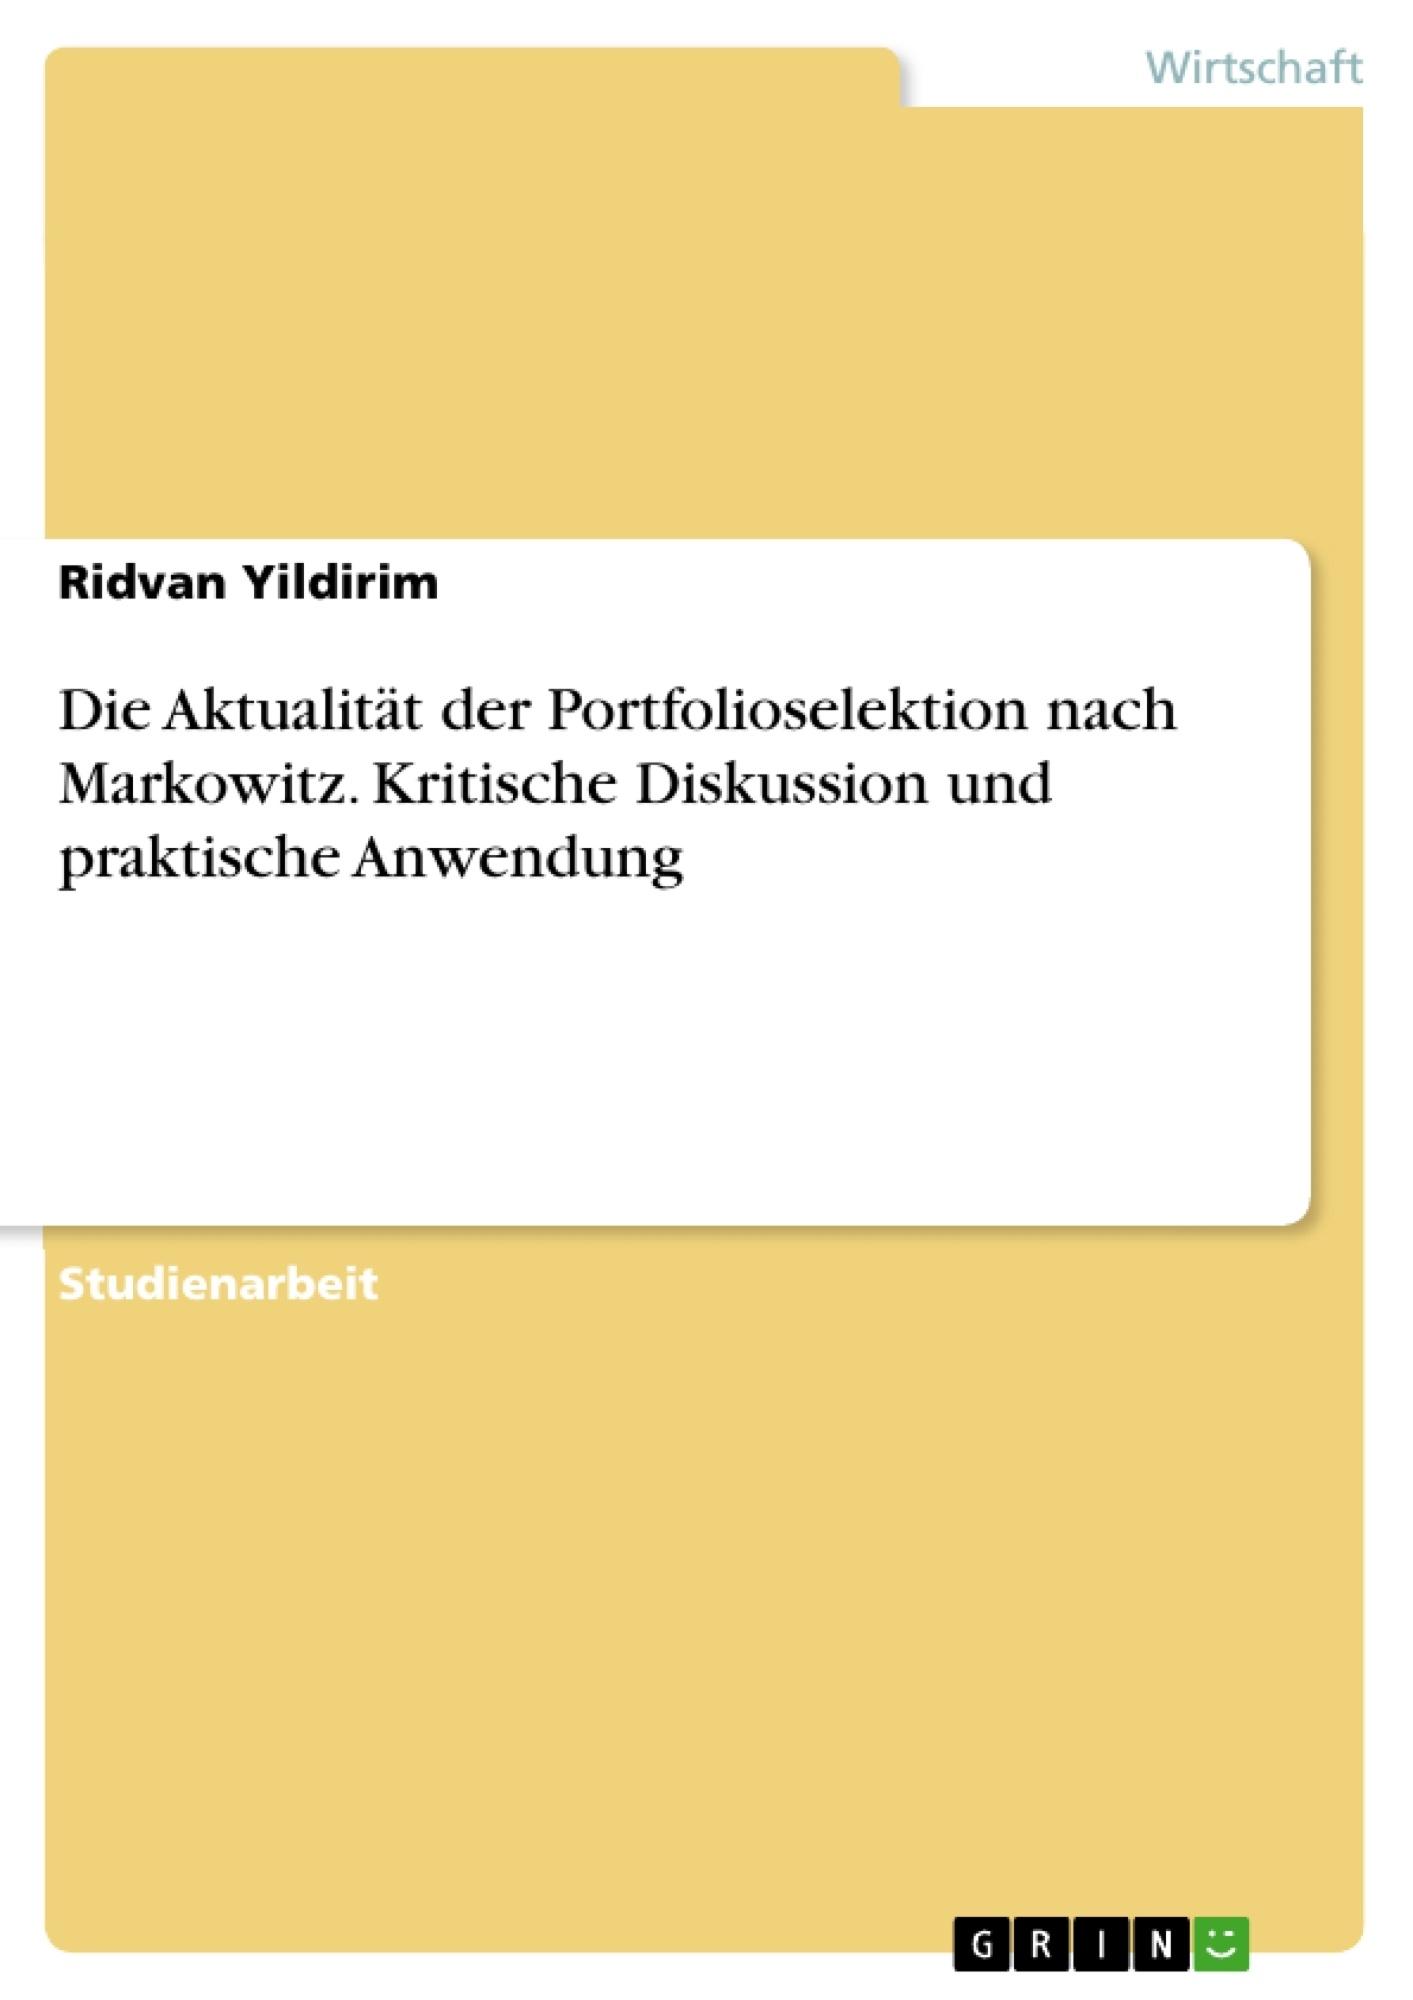 Titel: Die Aktualität der Portfolioselektion nach Markowitz. Kritische Diskussion und praktische Anwendung